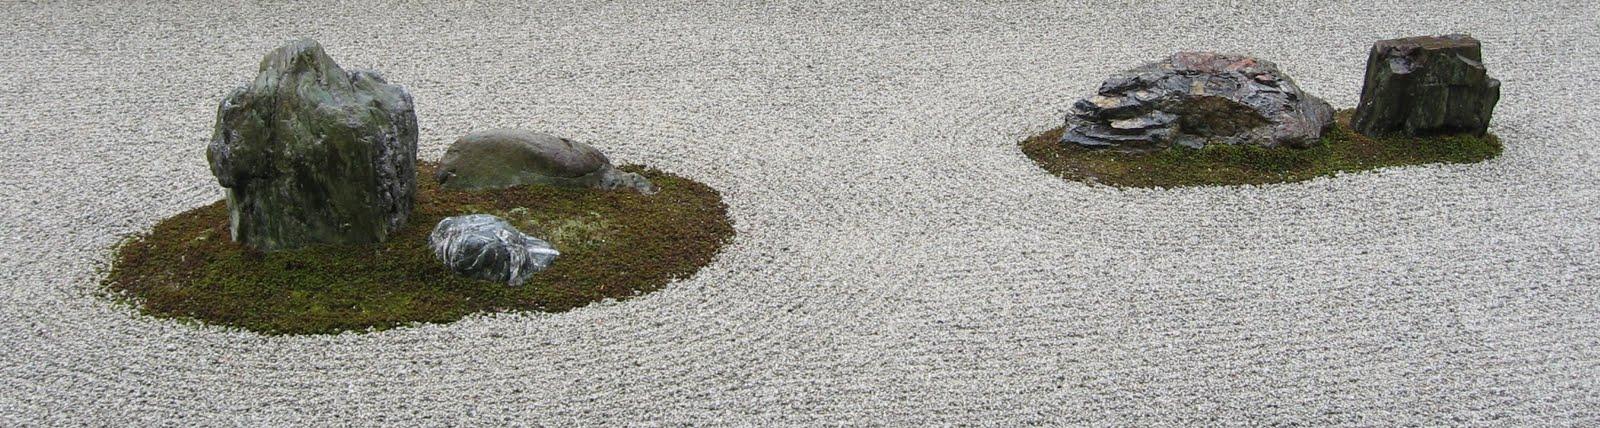 Kivipuutarha zen-temppeli Ryōan-jissa, Kioto, maaliskuu 2009